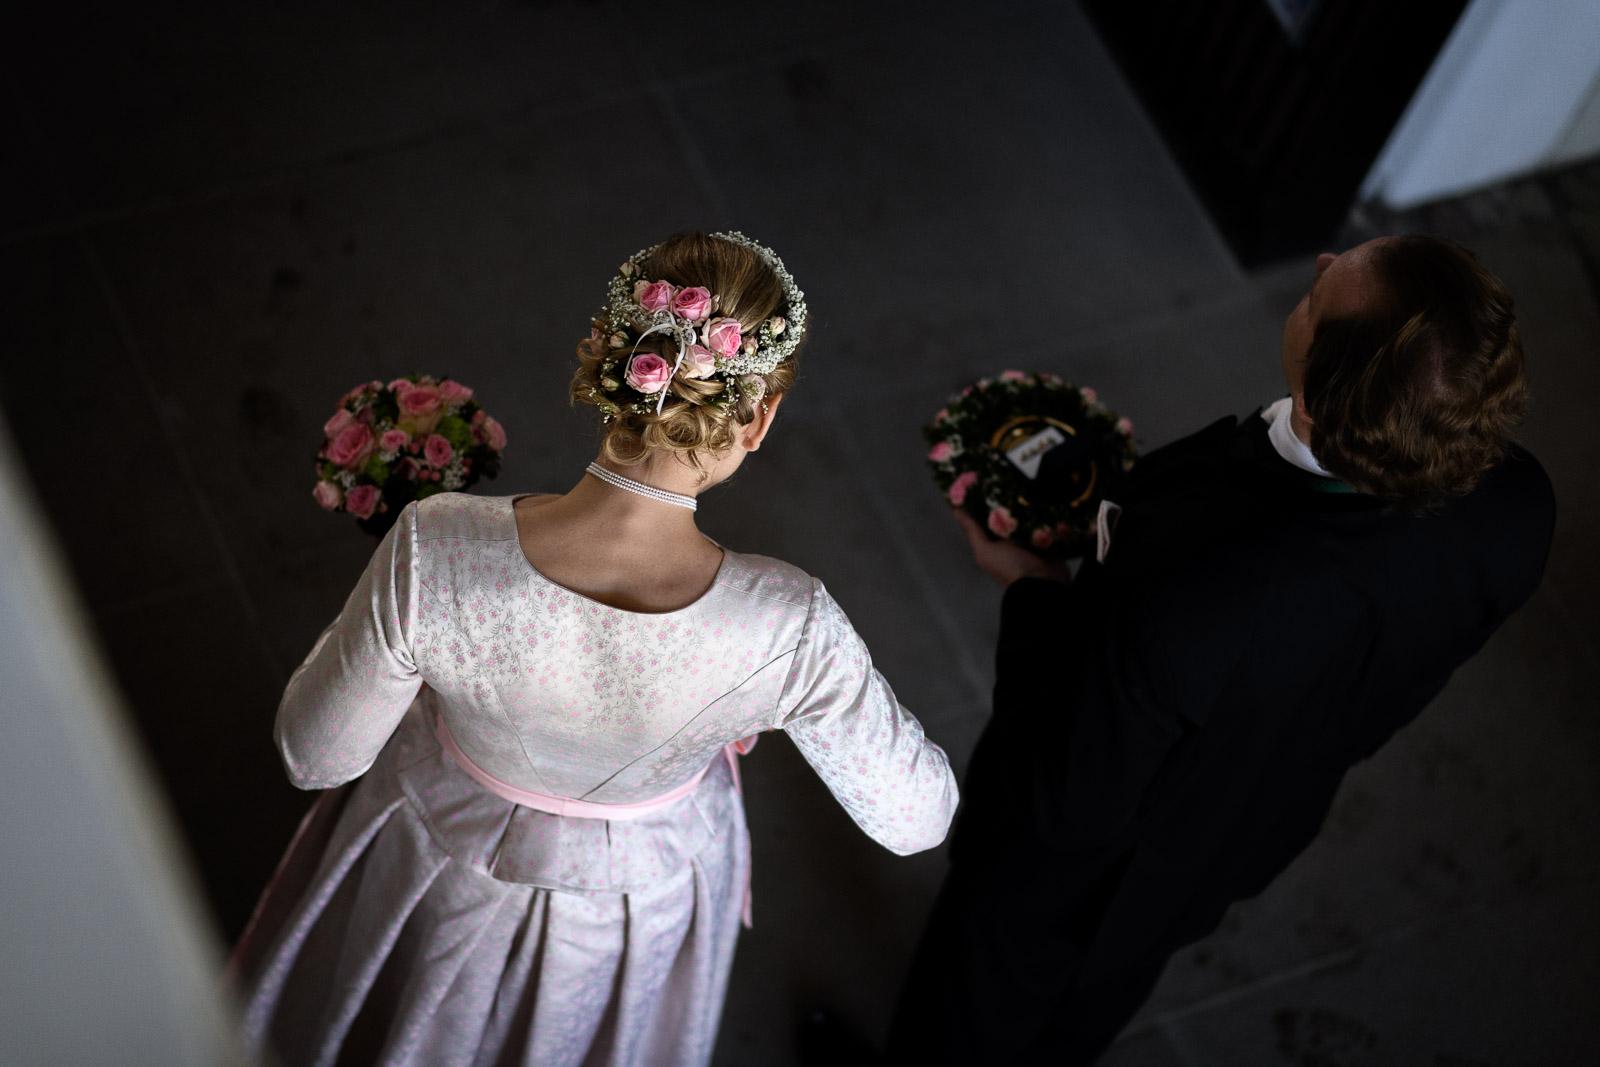 Hochzeit am Schliersee, Braut, Hochzeitsfrisur, Standesamt